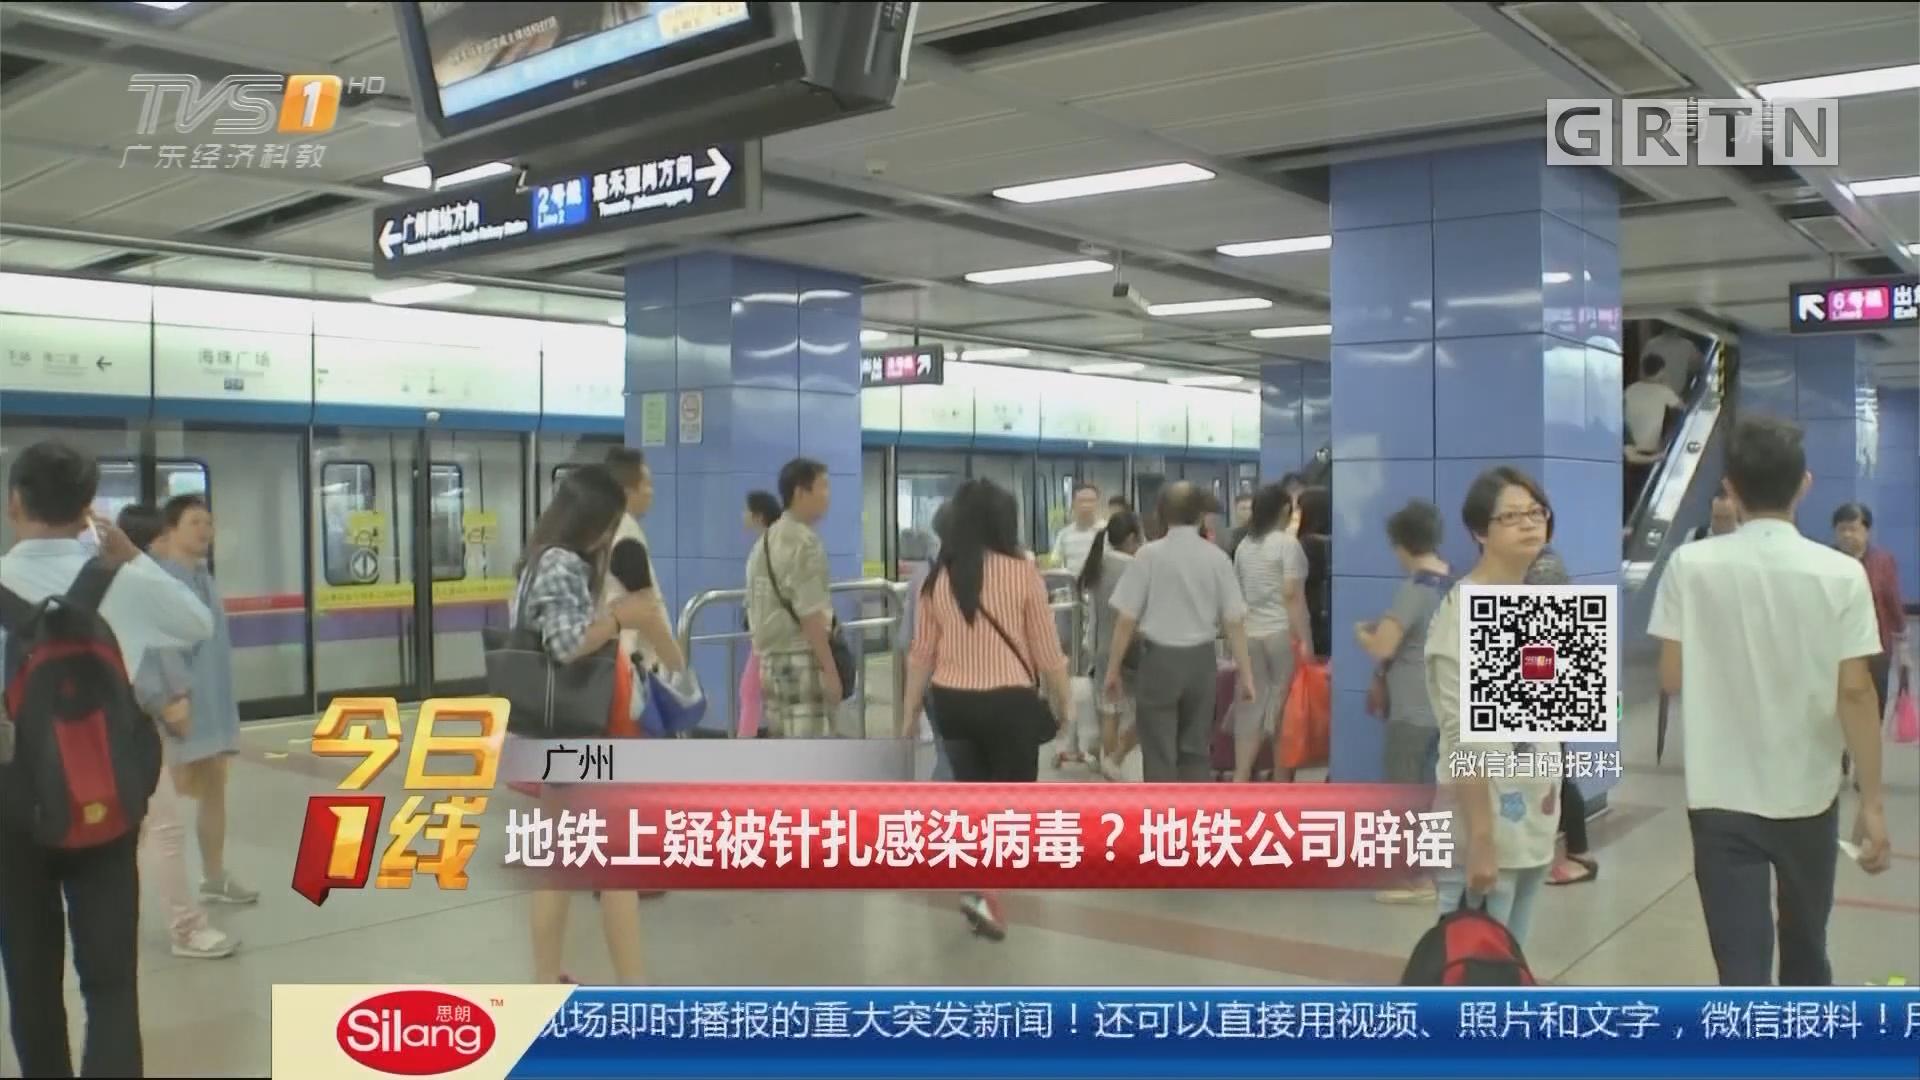 广州:地铁上疑被针扎感染病毒?地铁公司辟谣